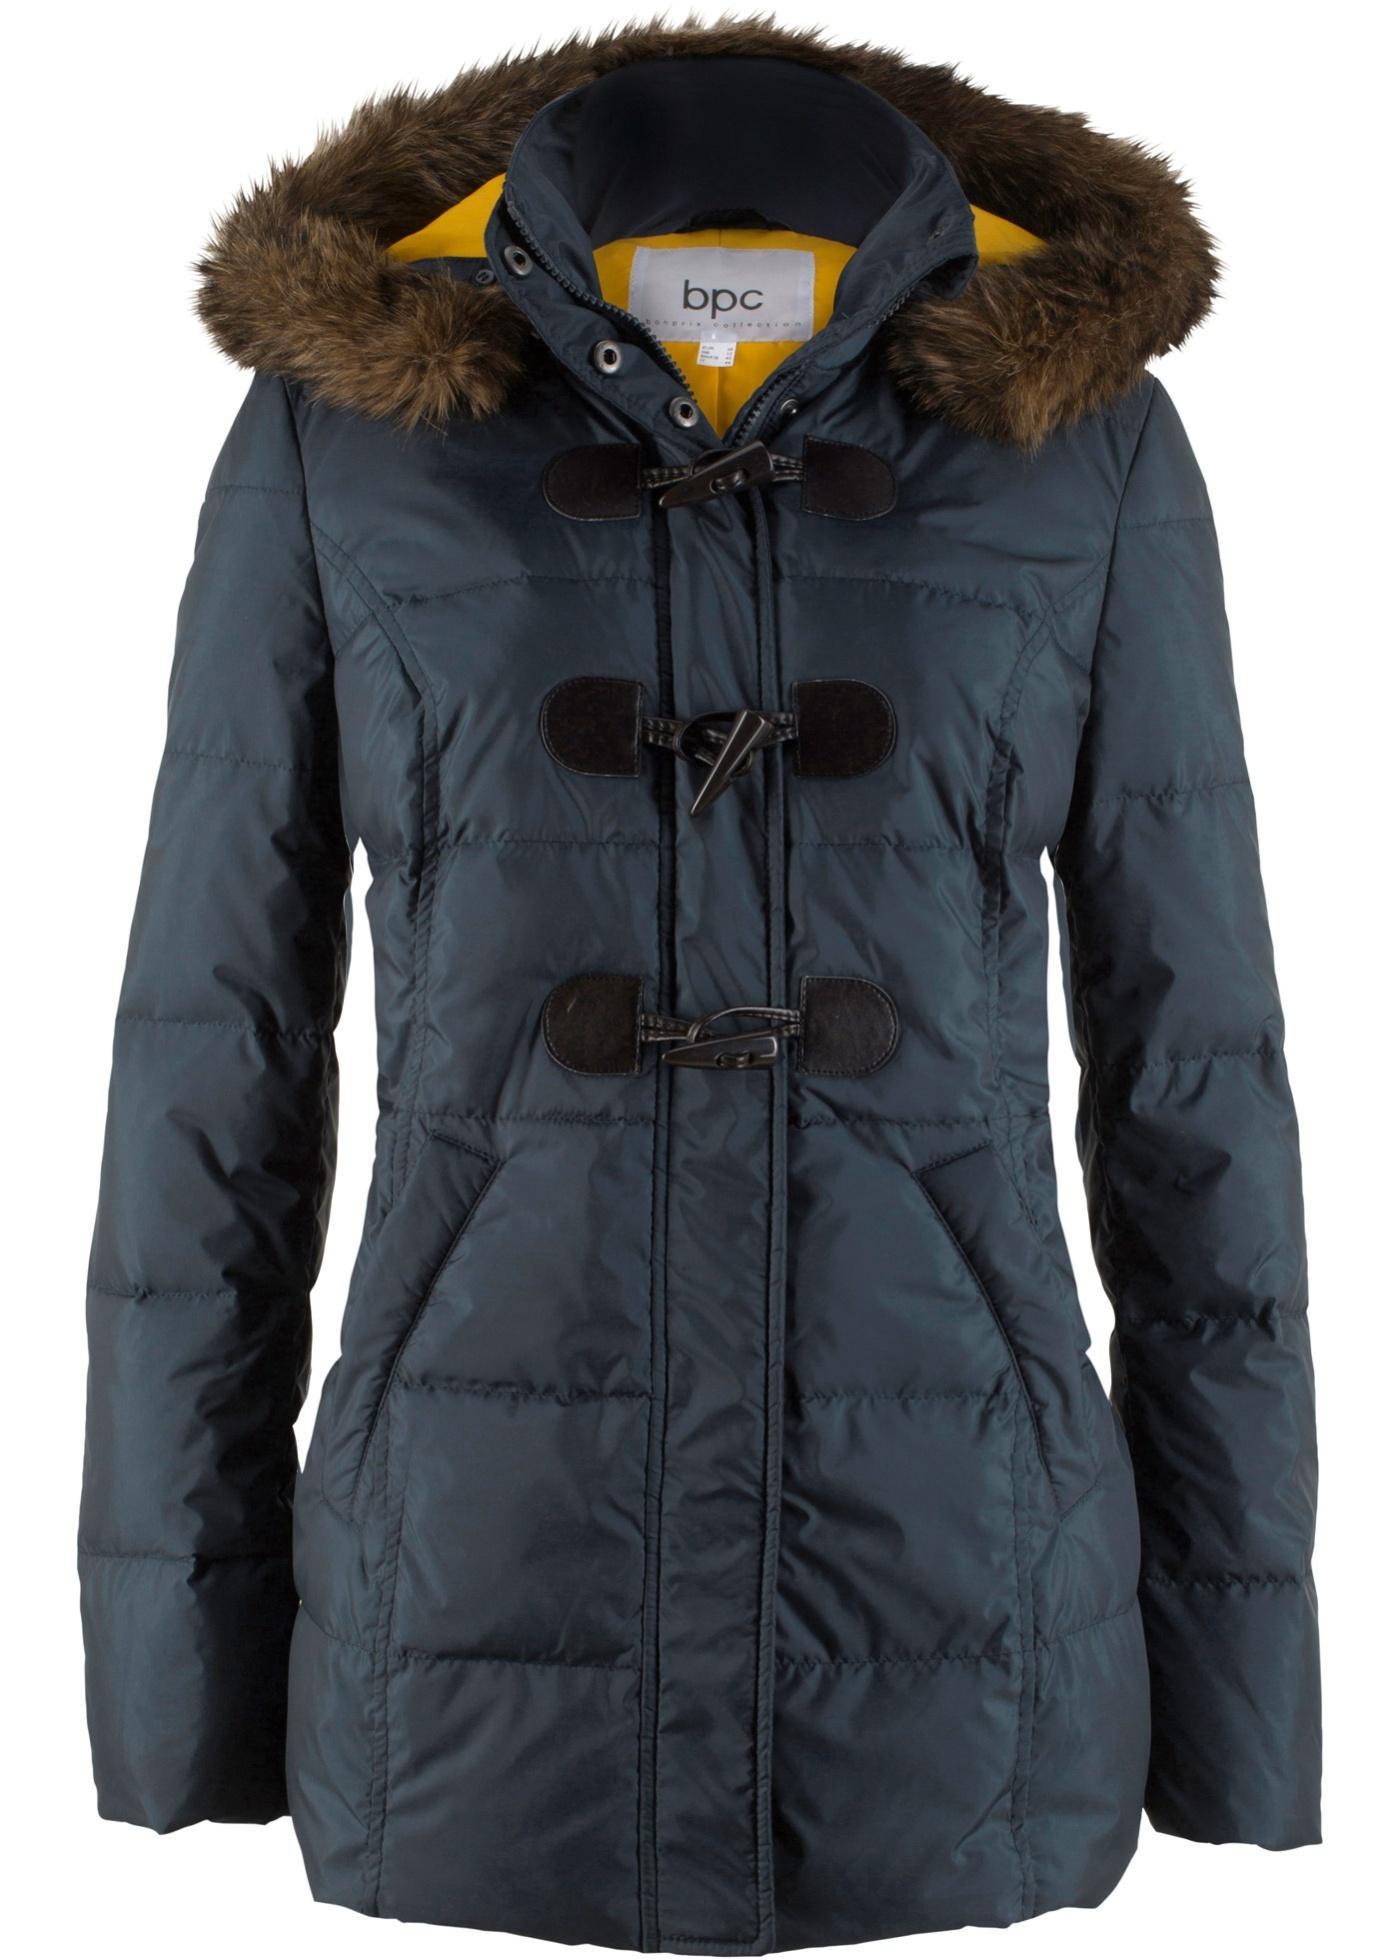 bpc bonprix collection Duffle Jacke (leichte Daune) langarm in blau für Damen von bonprix